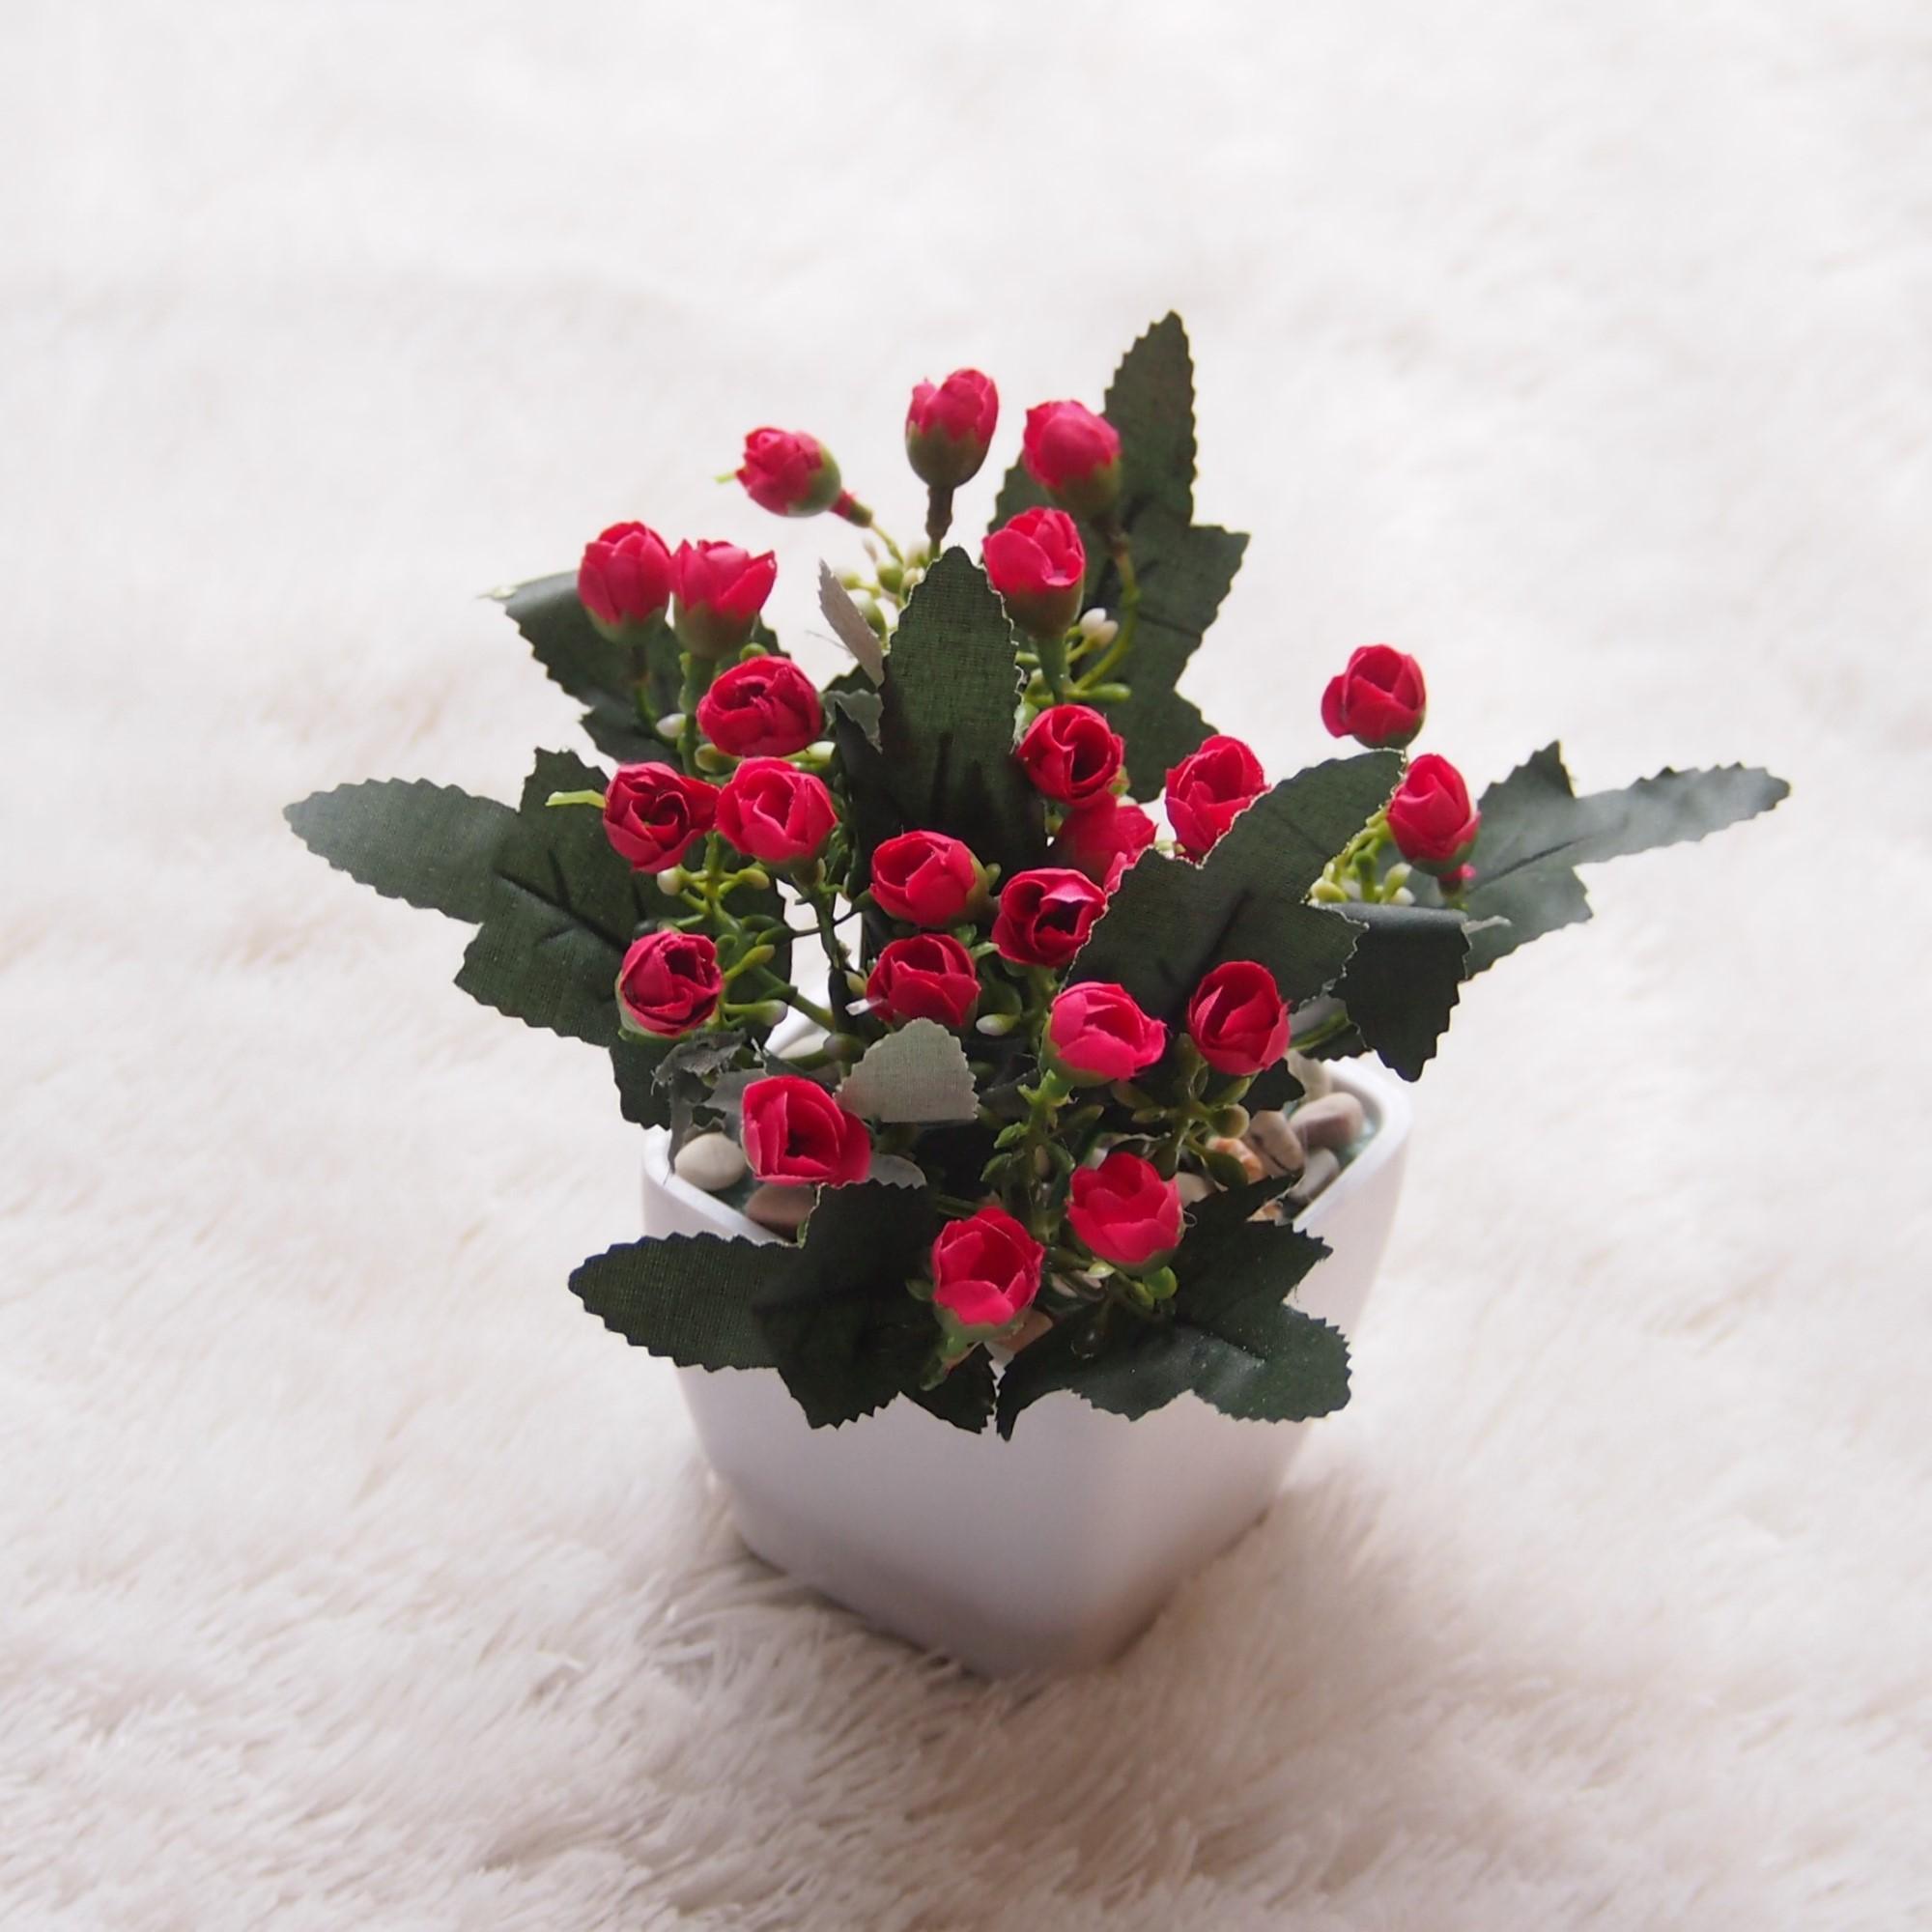 Bunga Artificial Dekorasi Meja Dan Ruangan - Bunga Artificial Mini Kacang  Vas Kotak RM02 c3712f828e